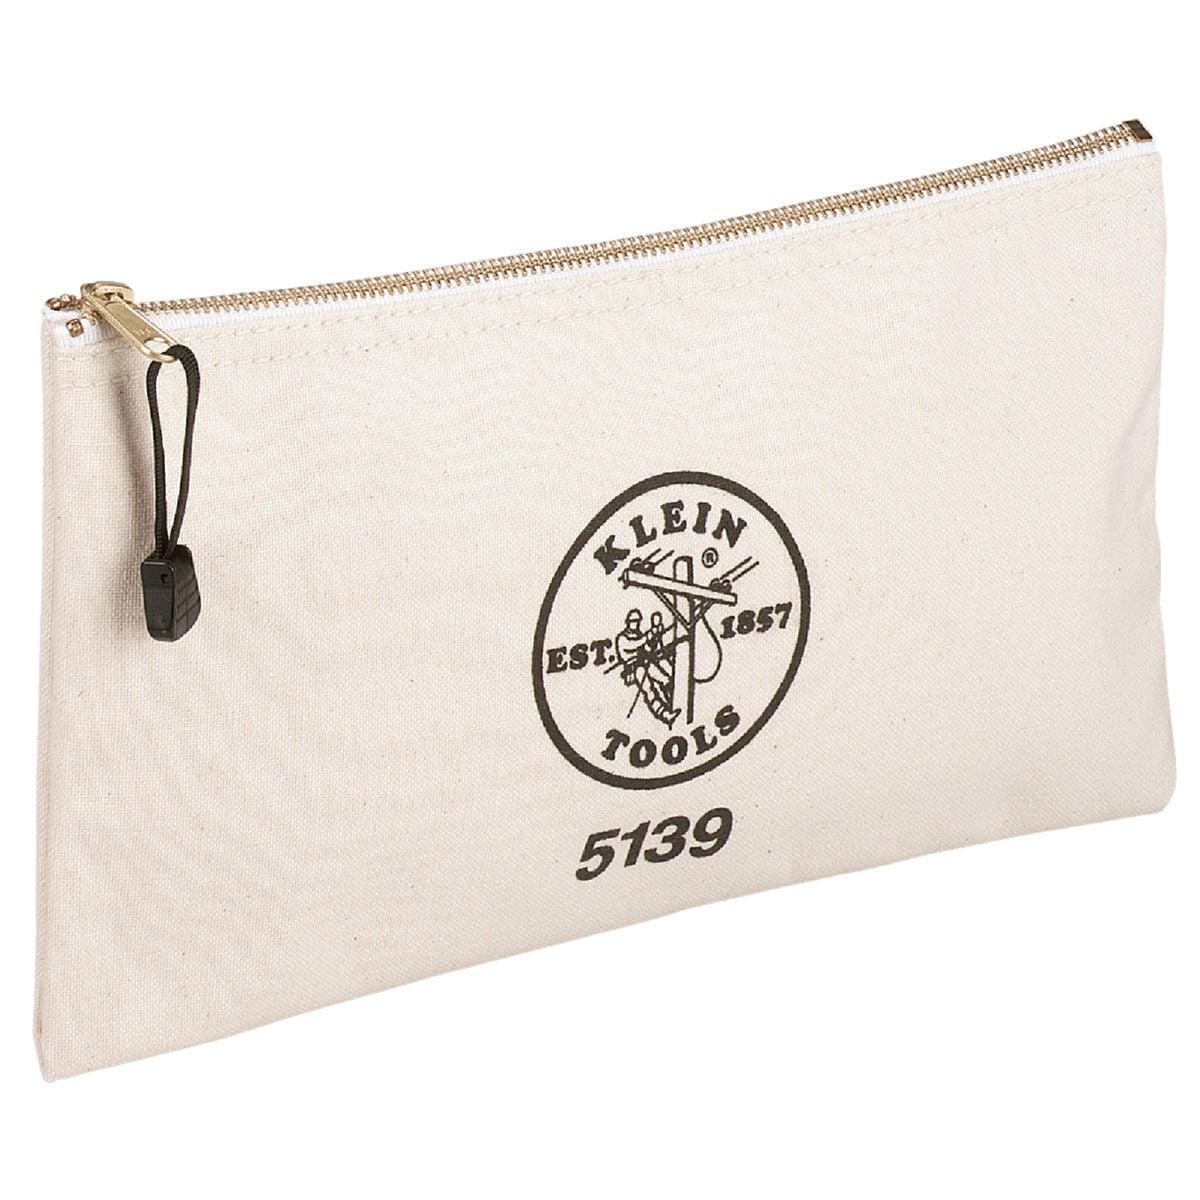 Klein Tools CANVAS ZIPPER BAG 5139